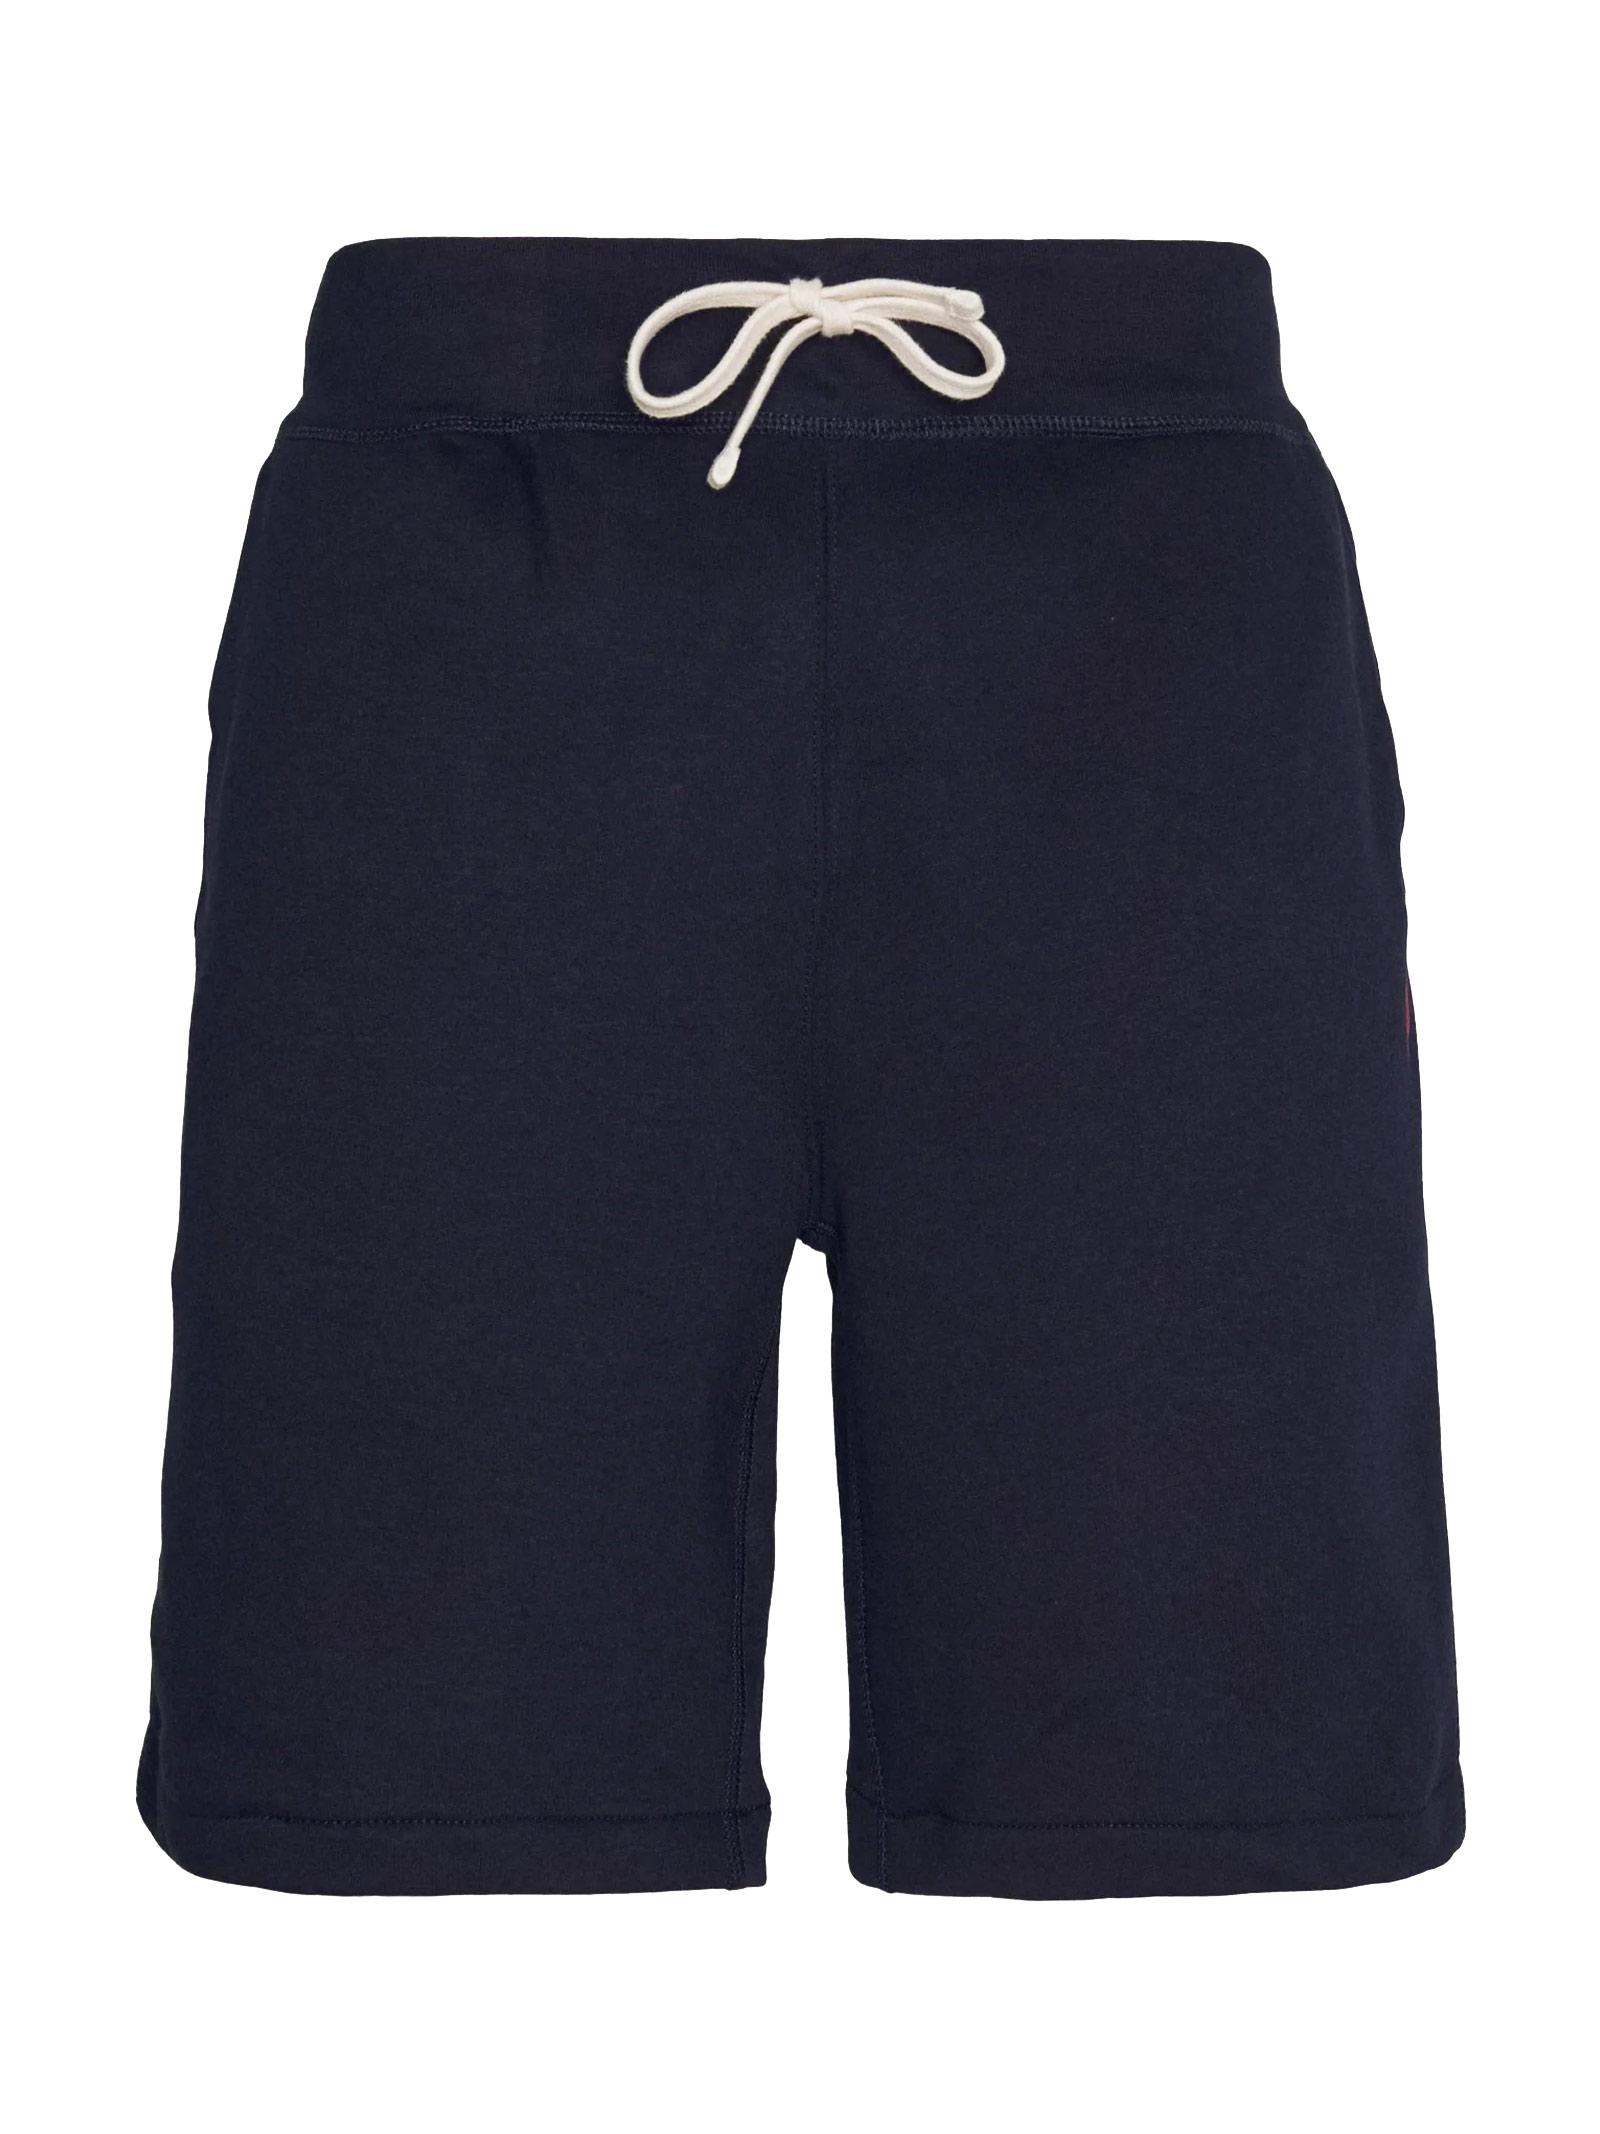 Bermuda in tuta blu RALPH LAUREN | Pantaloncini | 710-790292003